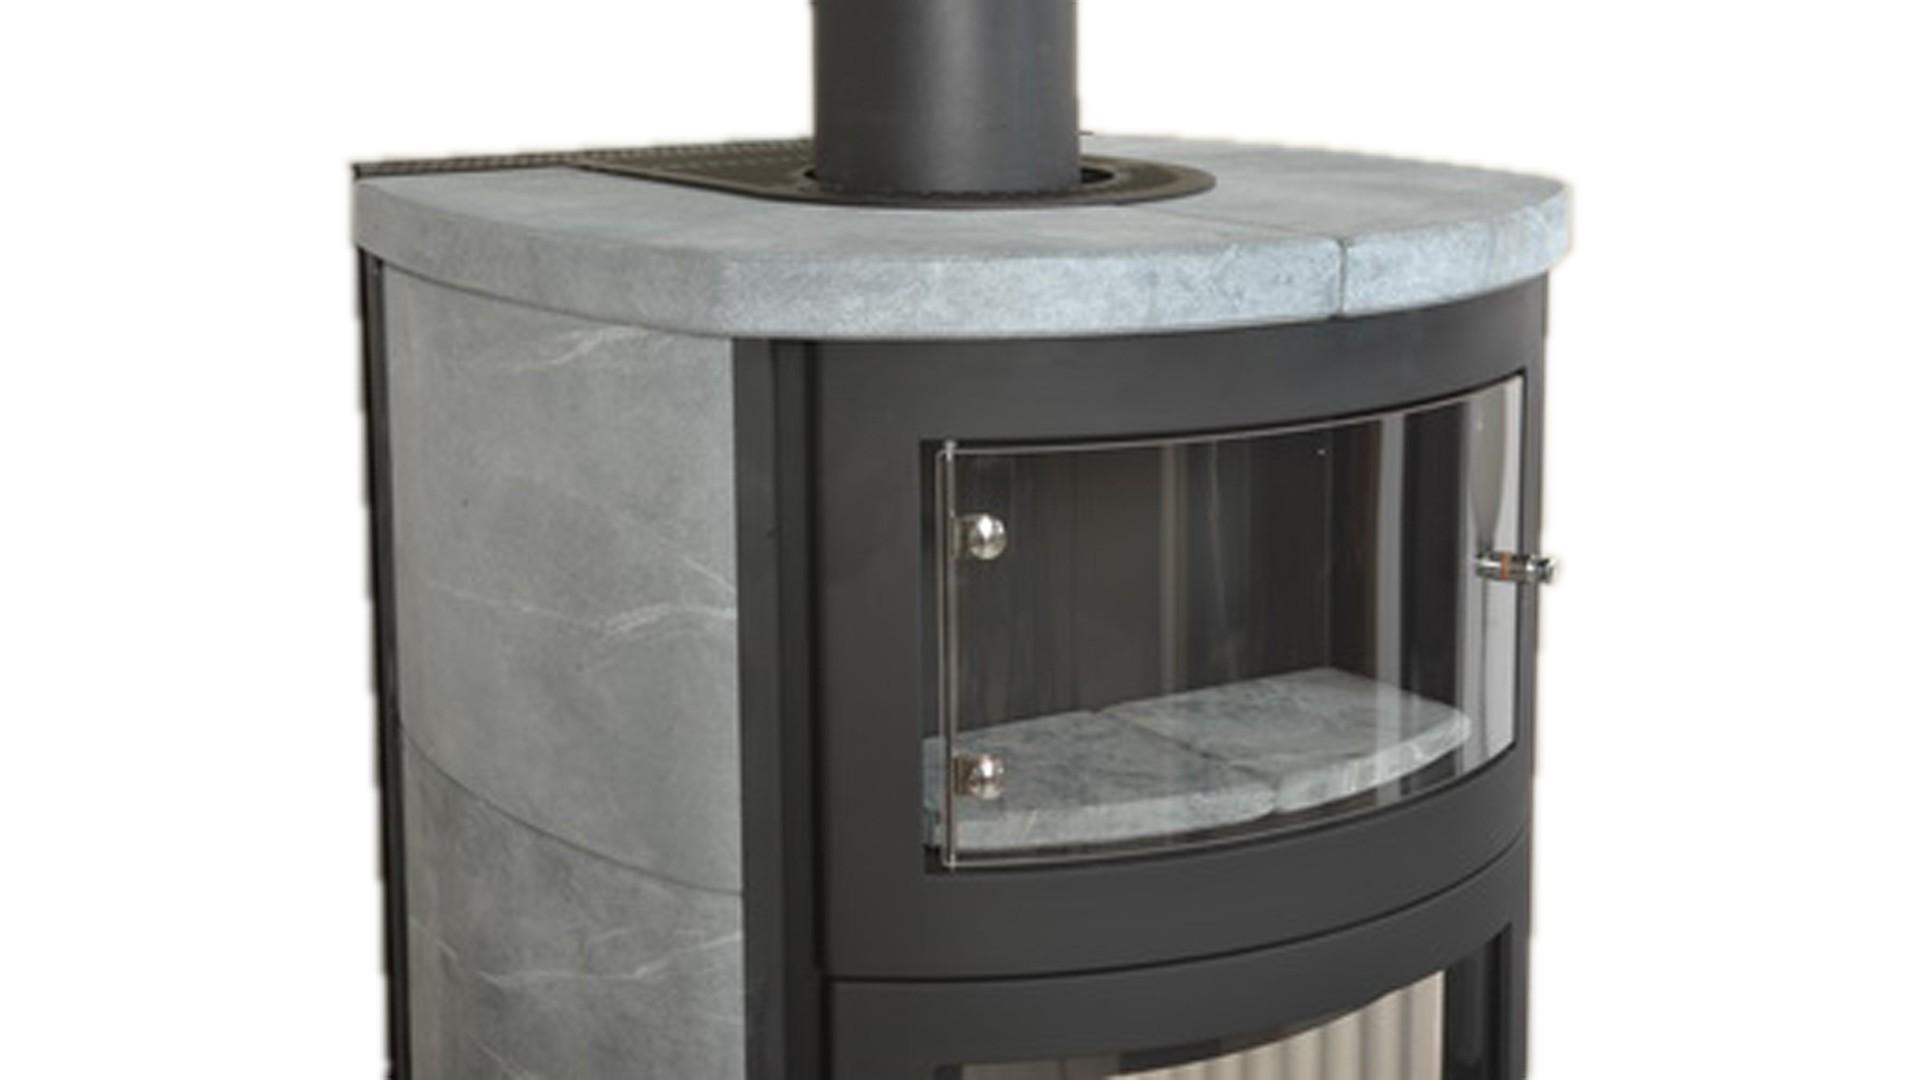 warmwasser hark 88 h ww gt ecoplus kaminstudio rosenbusch. Black Bedroom Furniture Sets. Home Design Ideas